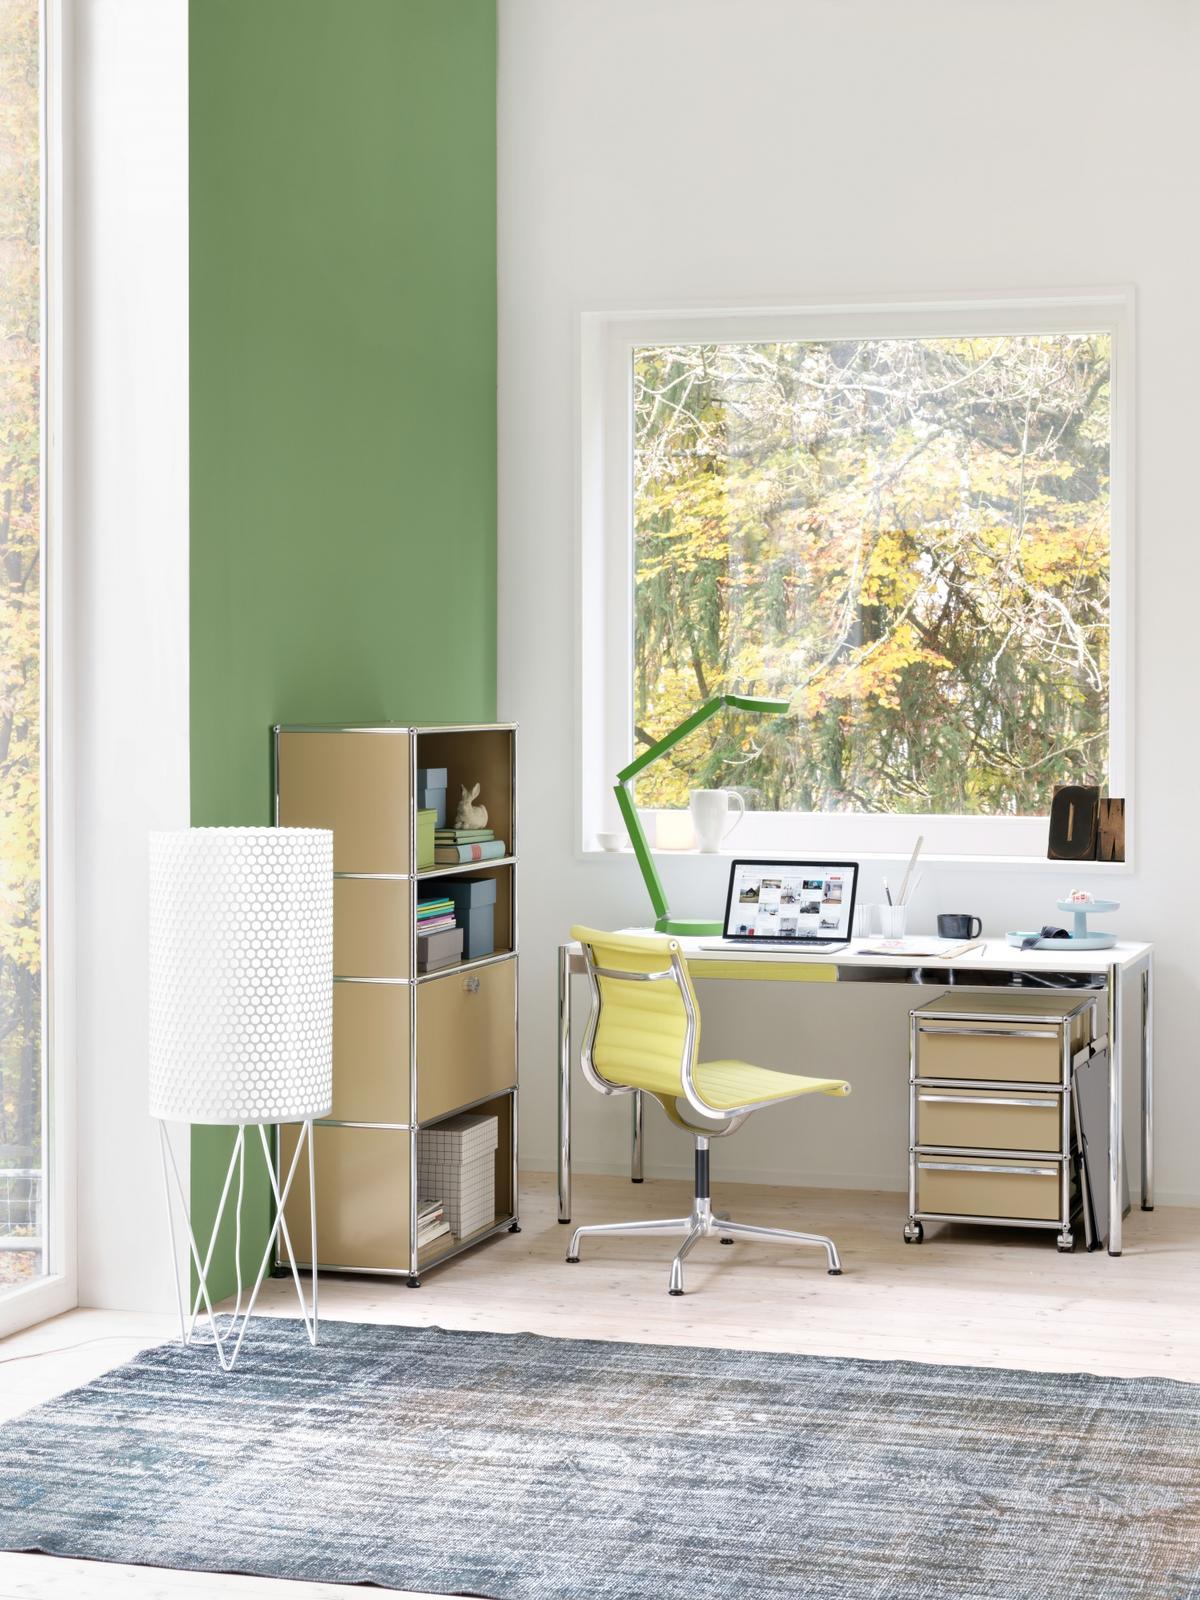 usm haller designer furniture by. Black Bedroom Furniture Sets. Home Design Ideas